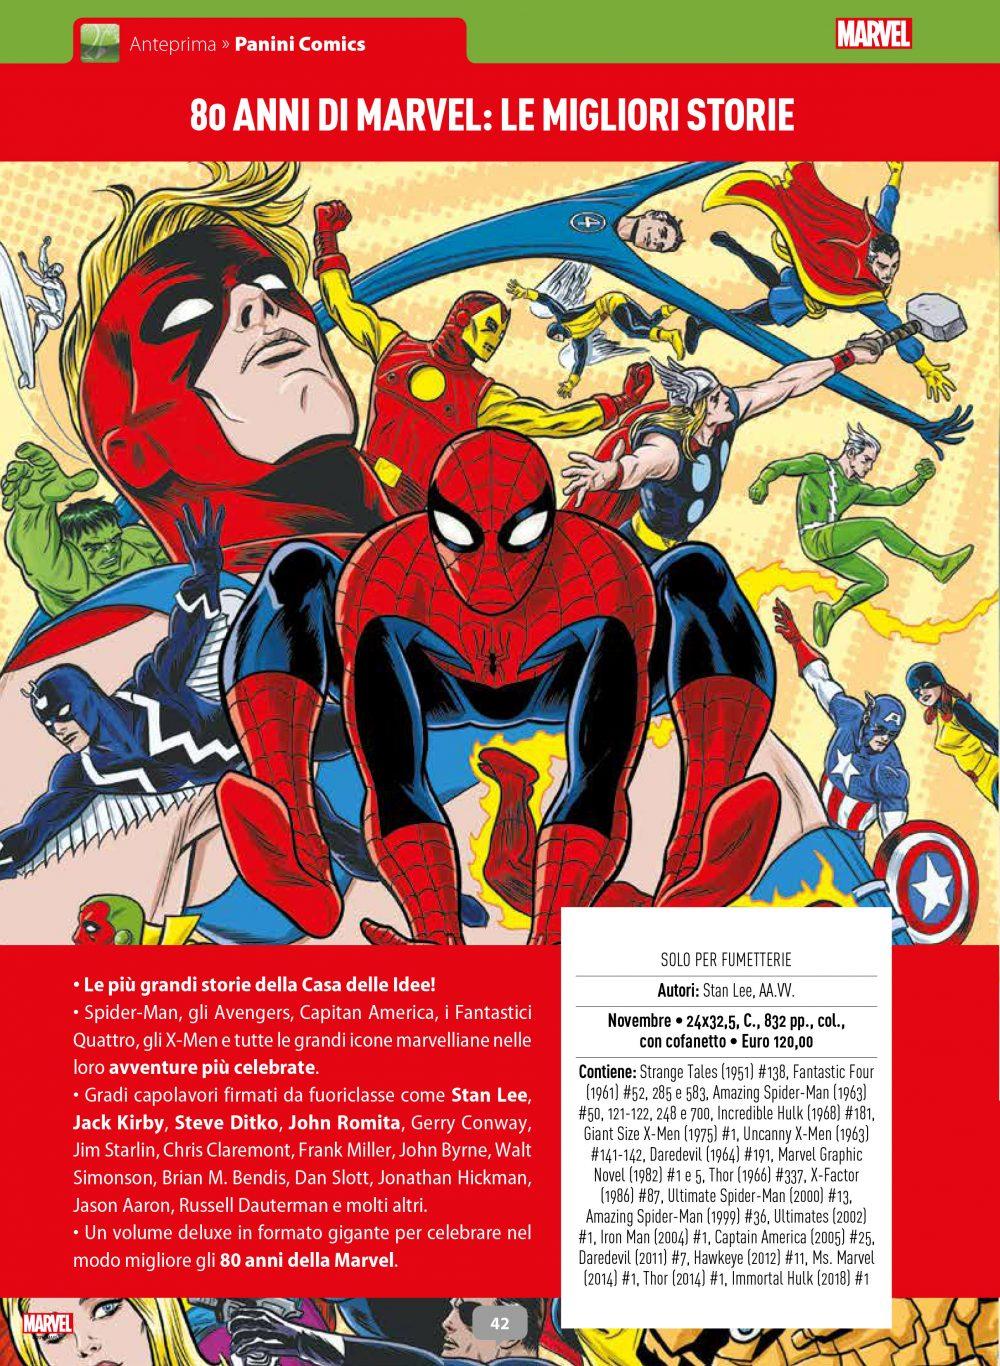 80 anni di Marvel: le migliori storie su Anteprima